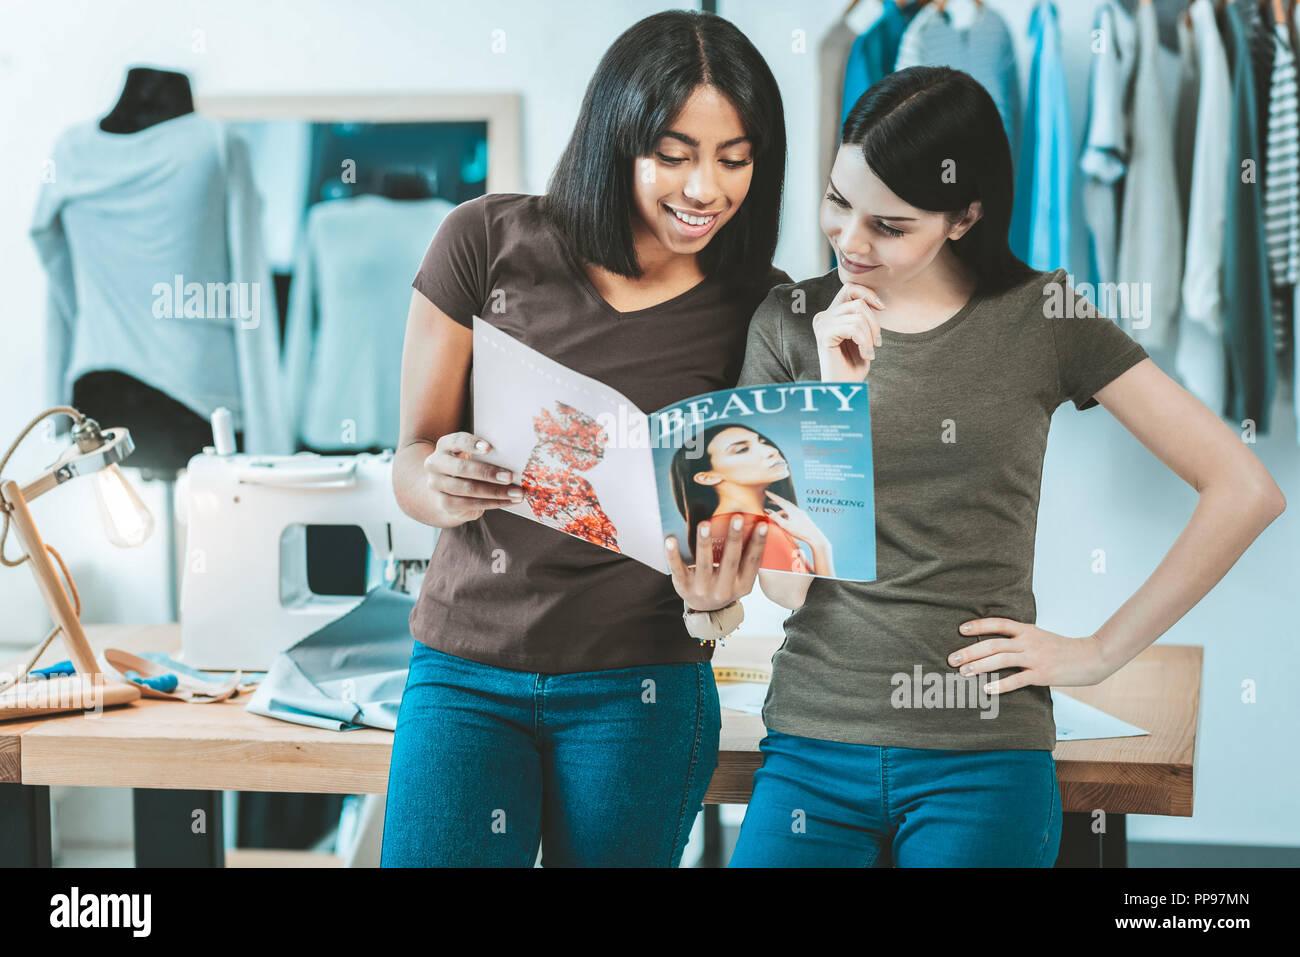 225b591d6cafa Les femmes de la mode a l'air joyeuse discussion Photo Stock